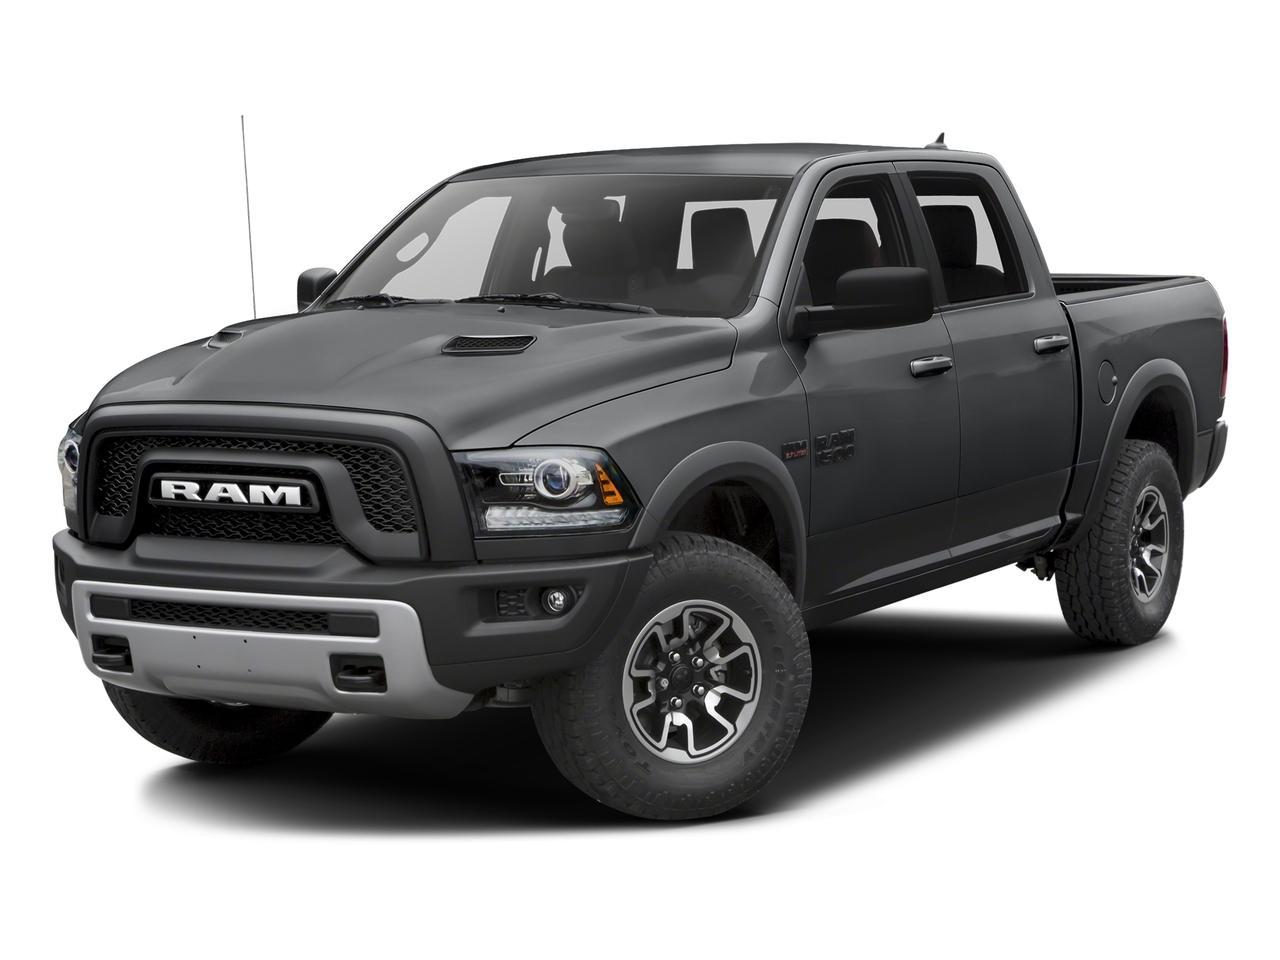 2016 Ram 1500 Vehicle Photo in EMPORIA, VA 23847-1235